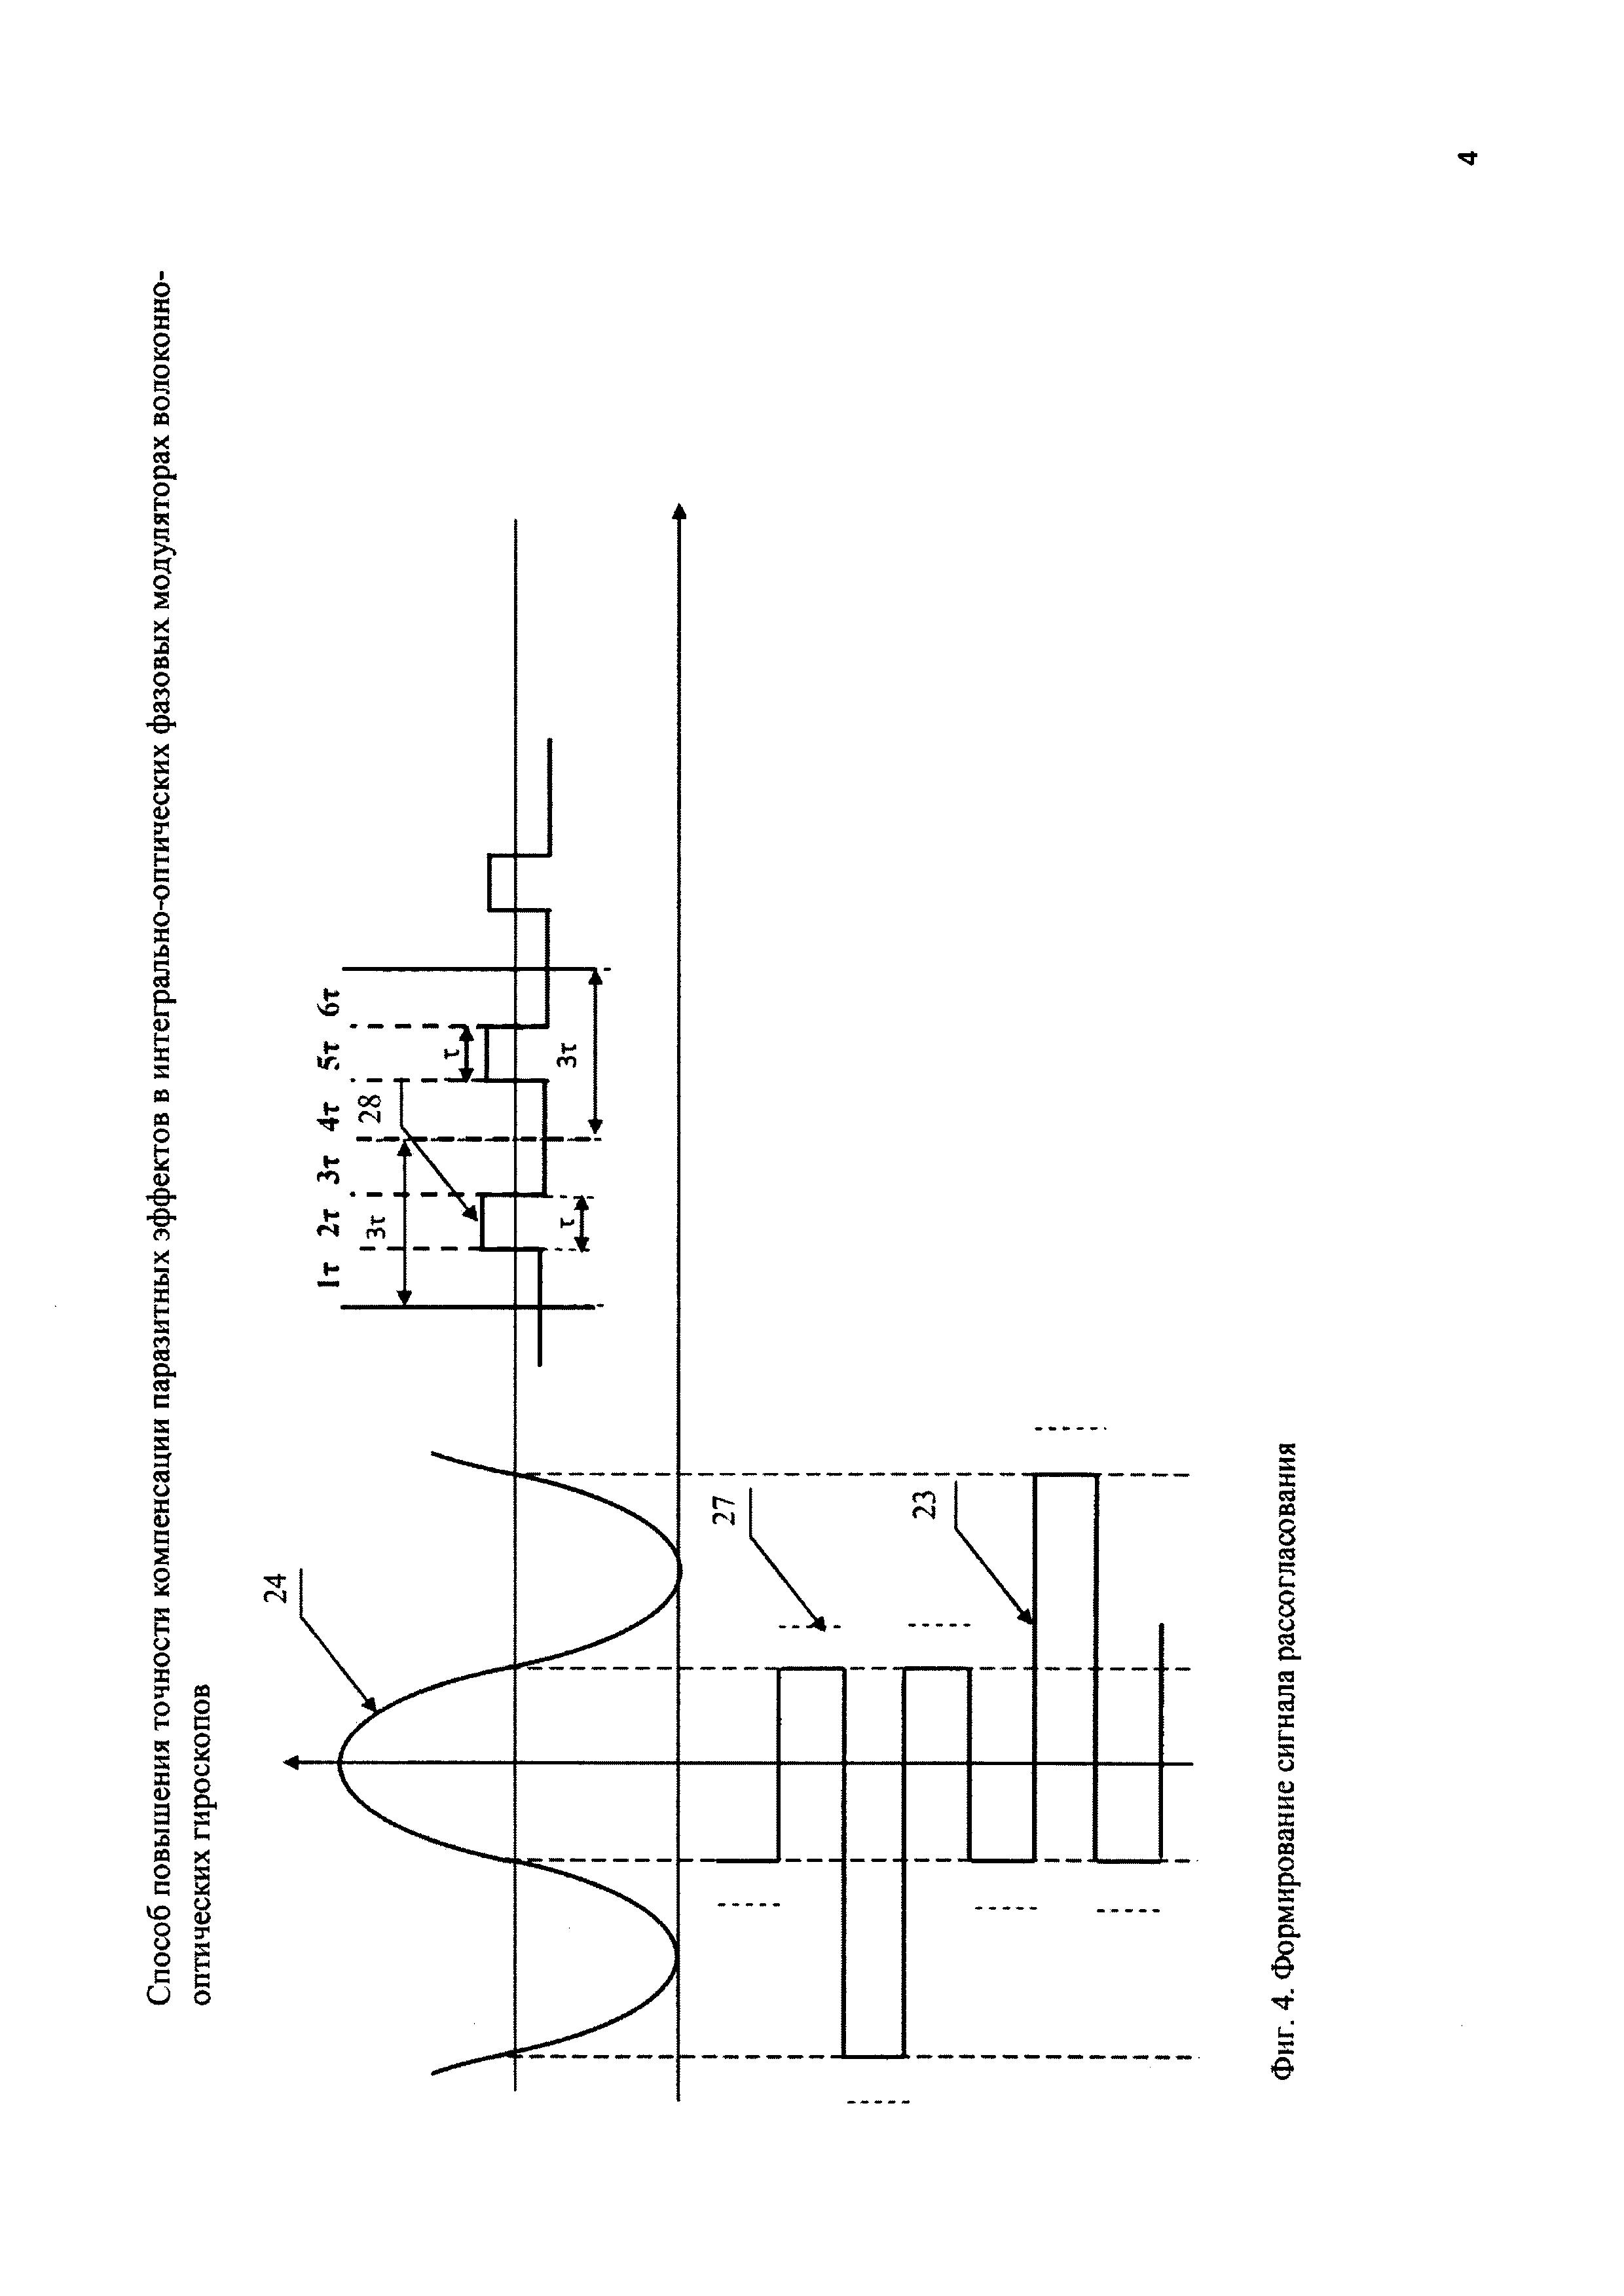 Способ повышения точности компенсации паразитных эффектов в интегрально-оптических фазовых модуляторах волоконно-оптических гироскопов